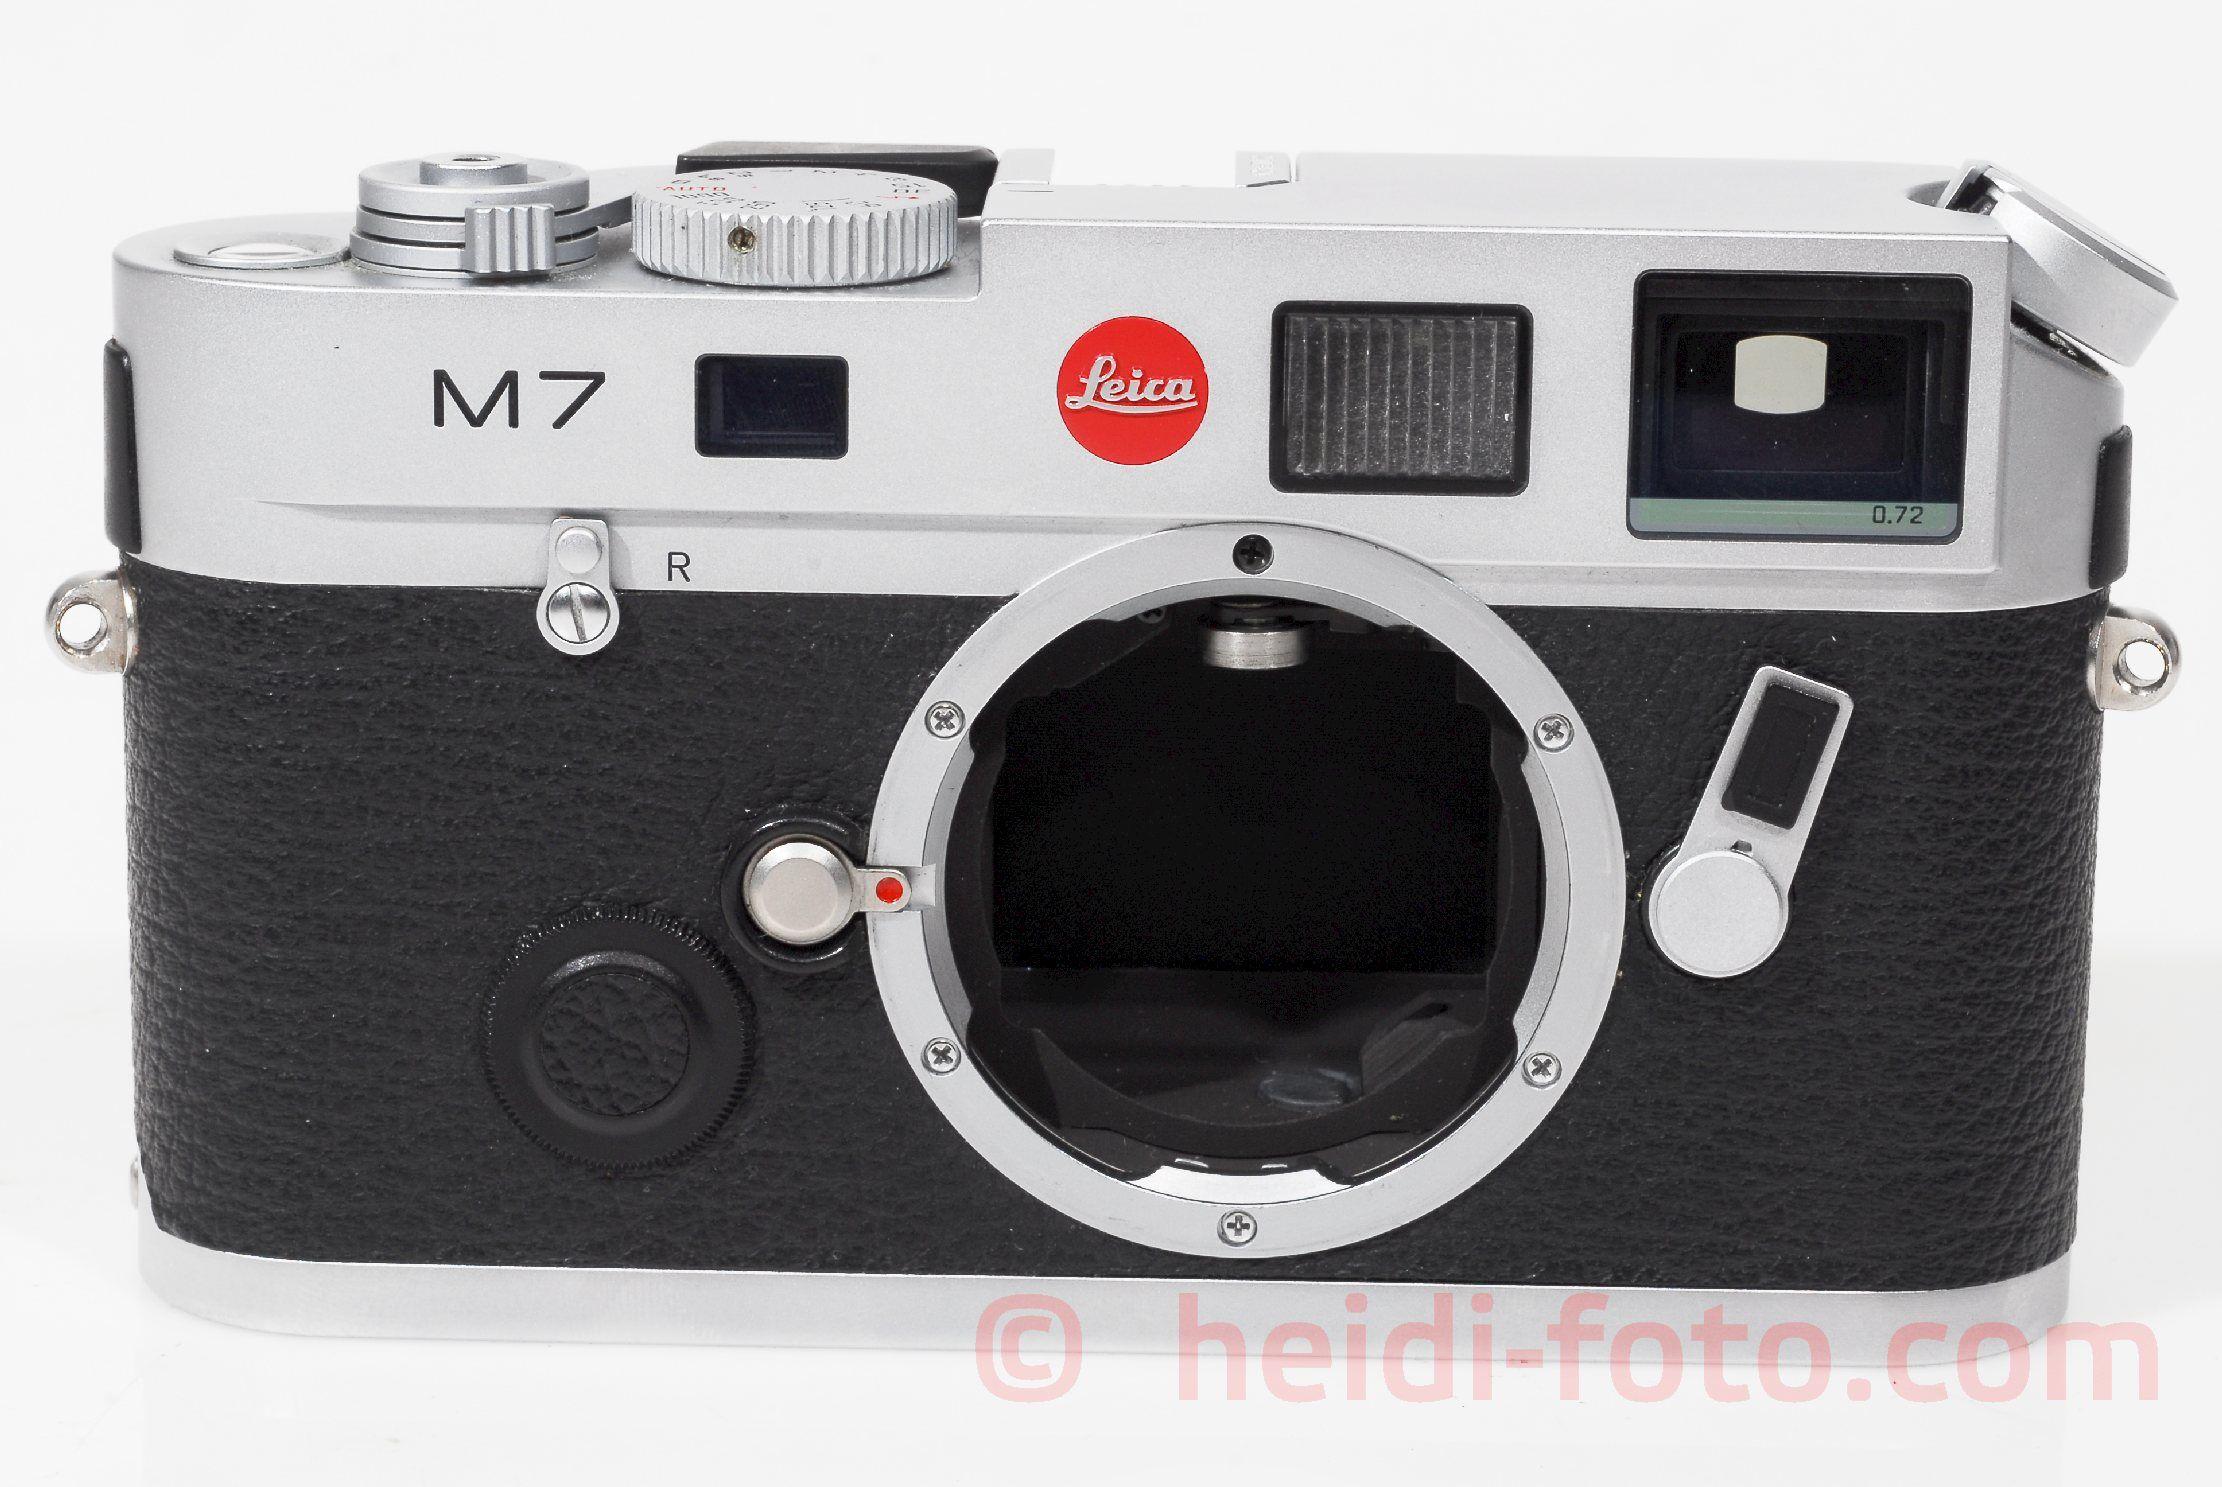 Leica M Entfernungsmesser Justieren : Leica m heidi foto münchen